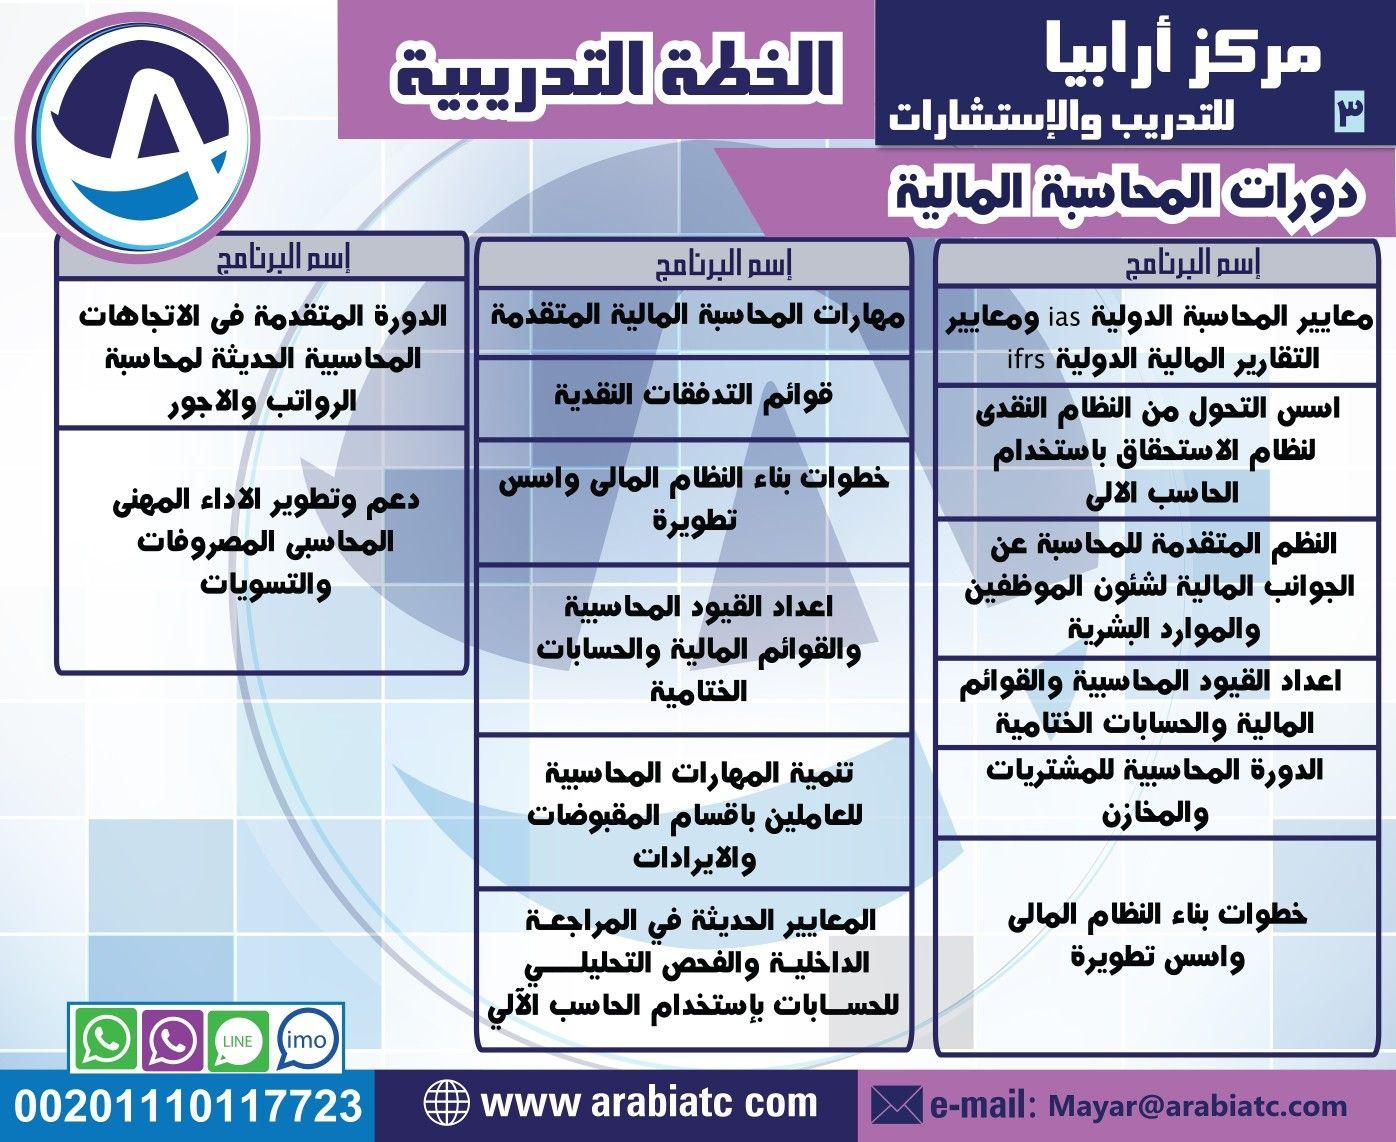 يتشرف مركز ارابيا للتدريب بتقديم اقوى البرامج التدريبية في مجال دورات المحاسبة المالية المملكة العربية السعودية الرياض جدة مكة تبوك الامارات دبي أبو ظبي Map